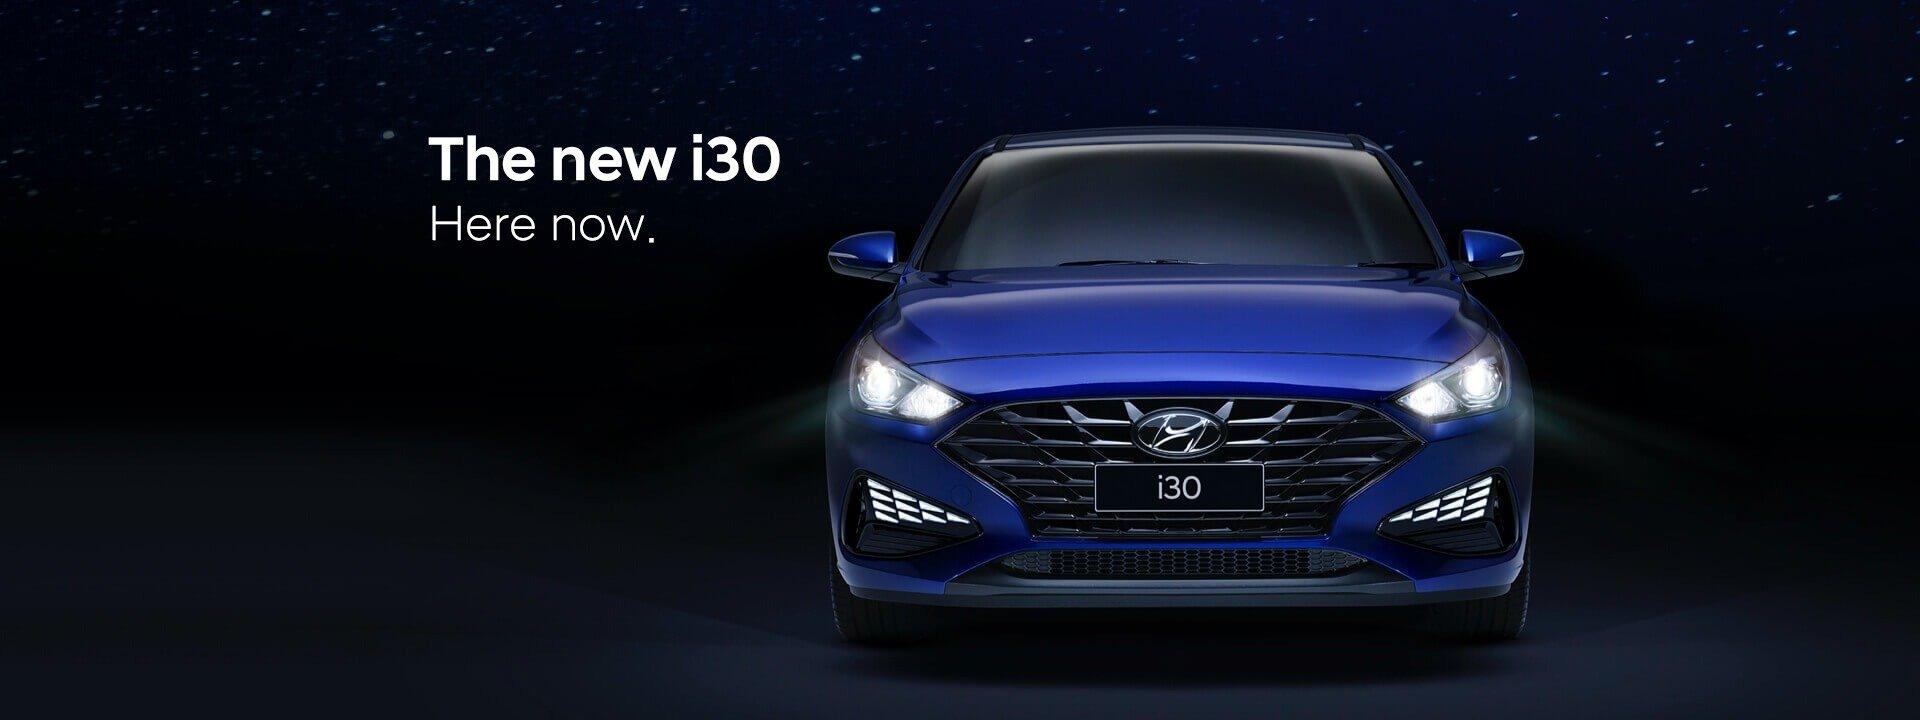 Mandurah Hyundai - 2021 i30